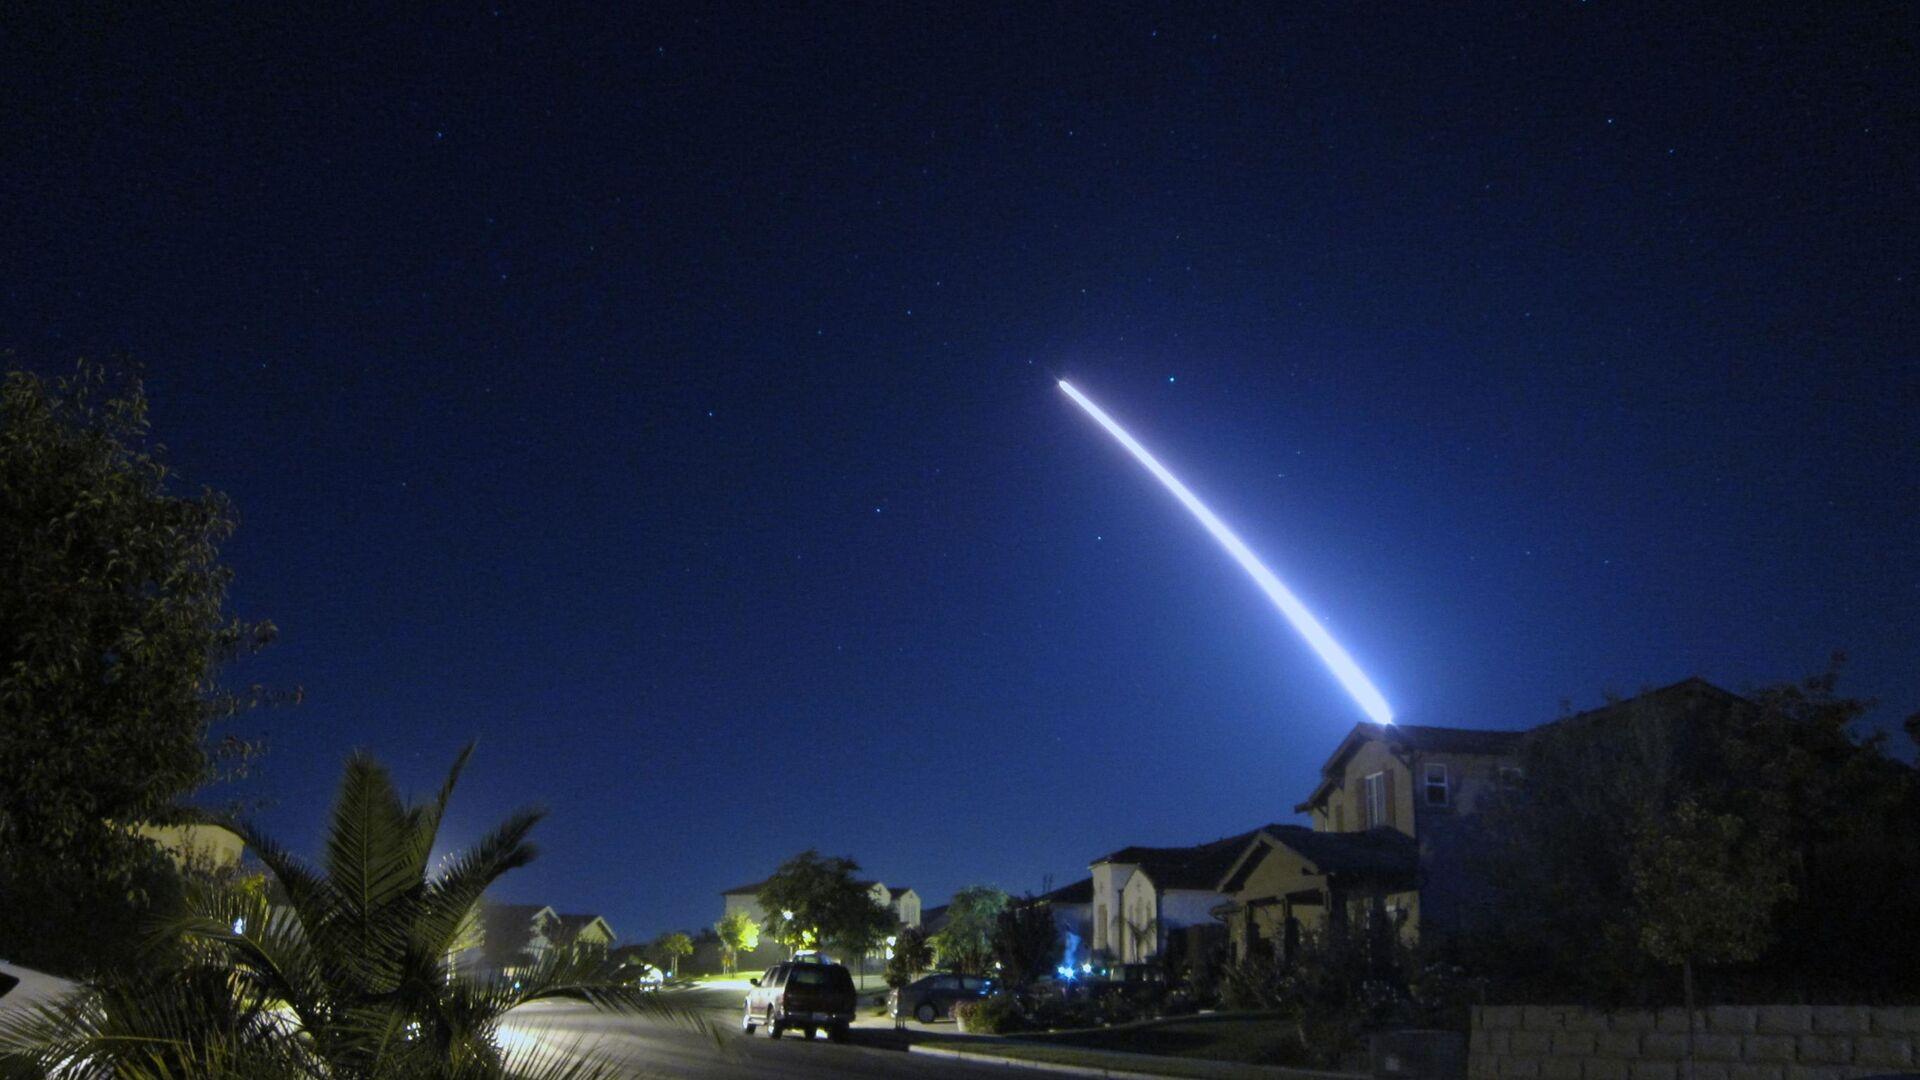 Эксплуатационный запуск межконтинентальной баллистической ракеты Minuteman III с авиабазы Ванденберг, штат Калифорния.  26 сентября 2013 - РИА Новости, 1920, 11.04.2021